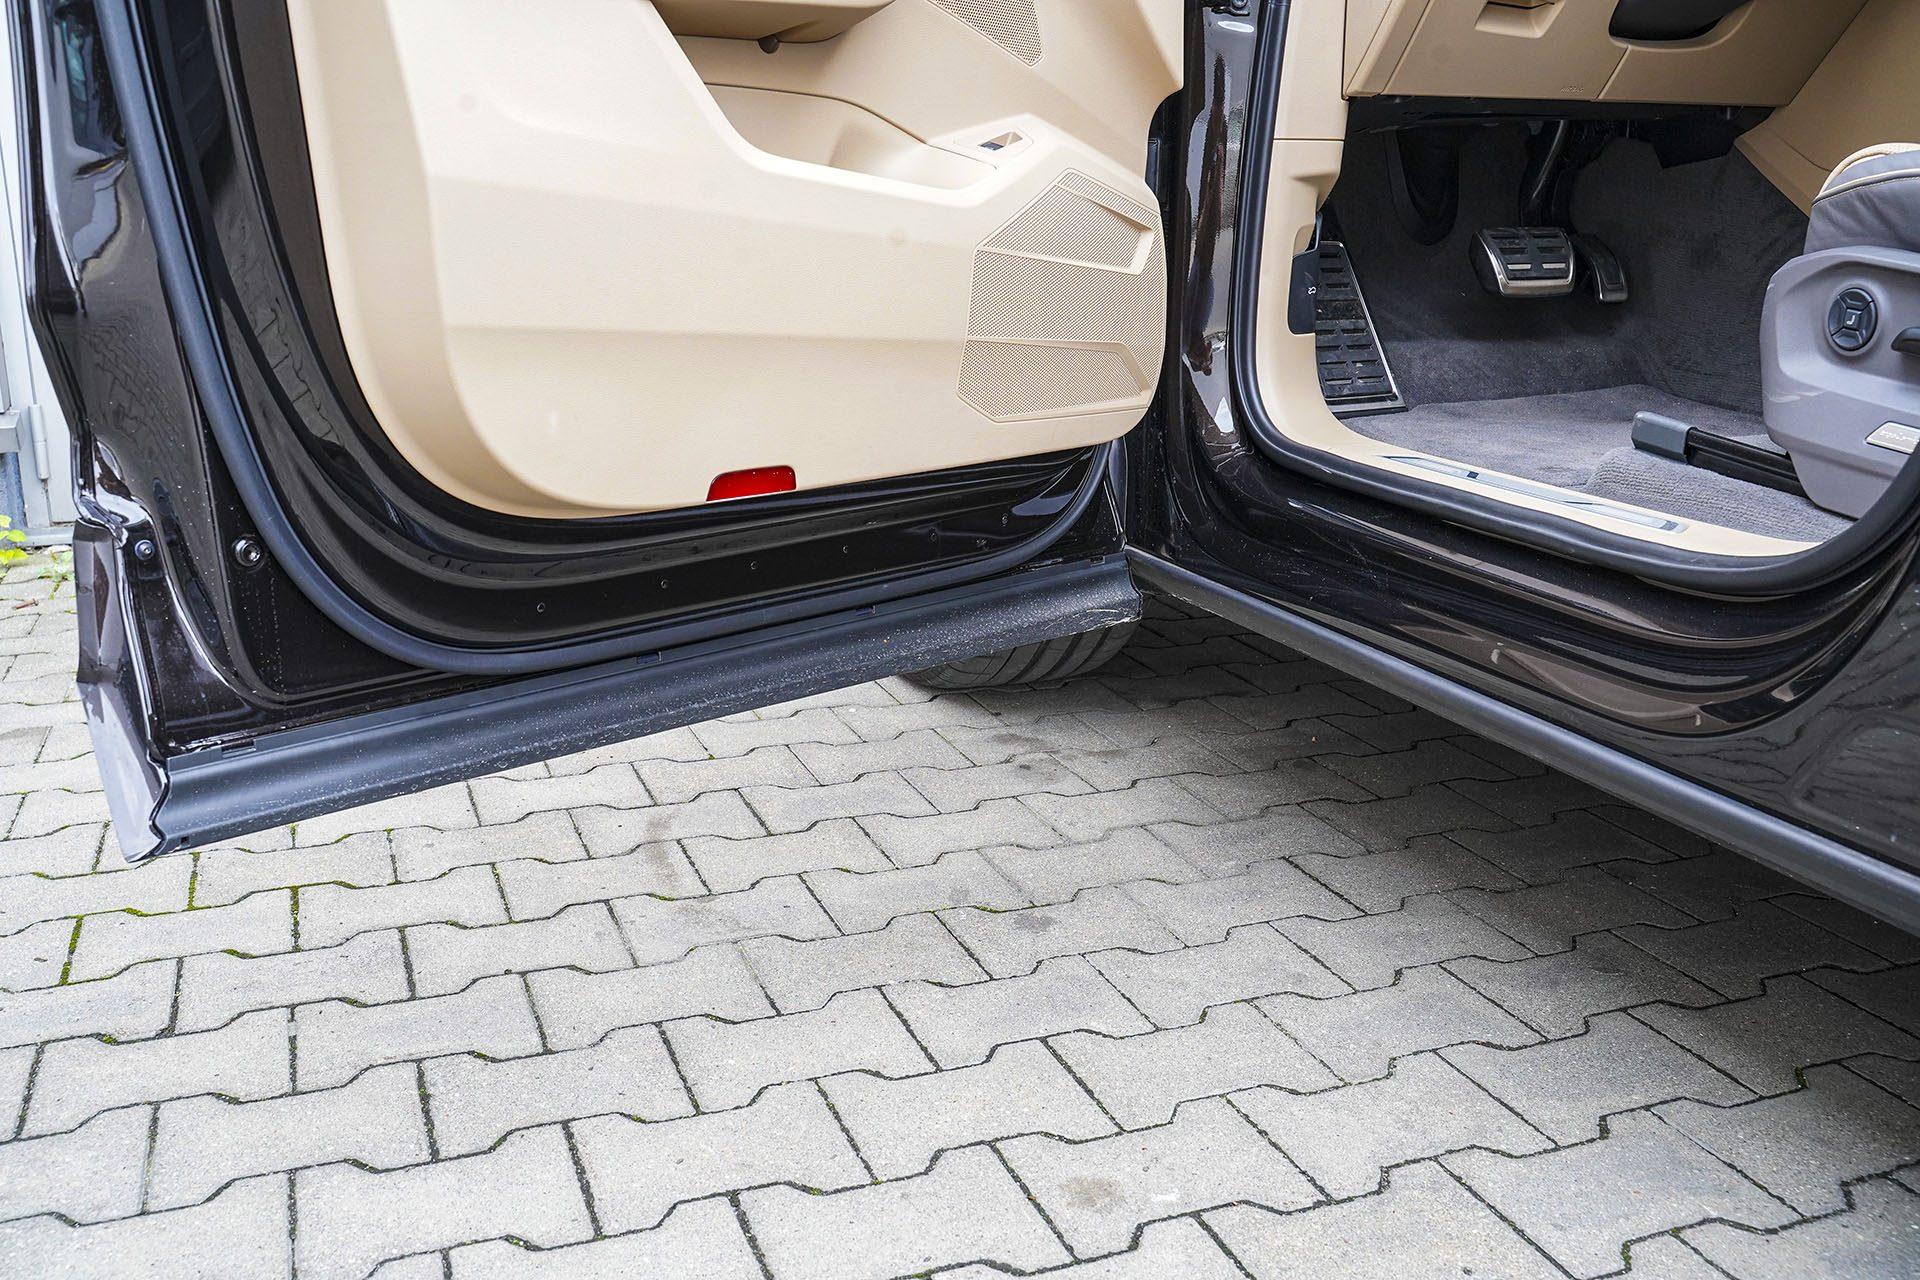 Volkswagen Touareg - zasłonięte progi - Land Rover Discovery, Mercedes GLE, Range Rover Sport, Volkswagen Touareg, Volvo XC90 – PORÓWNANIE –opinie, dane techniczne, wymiary